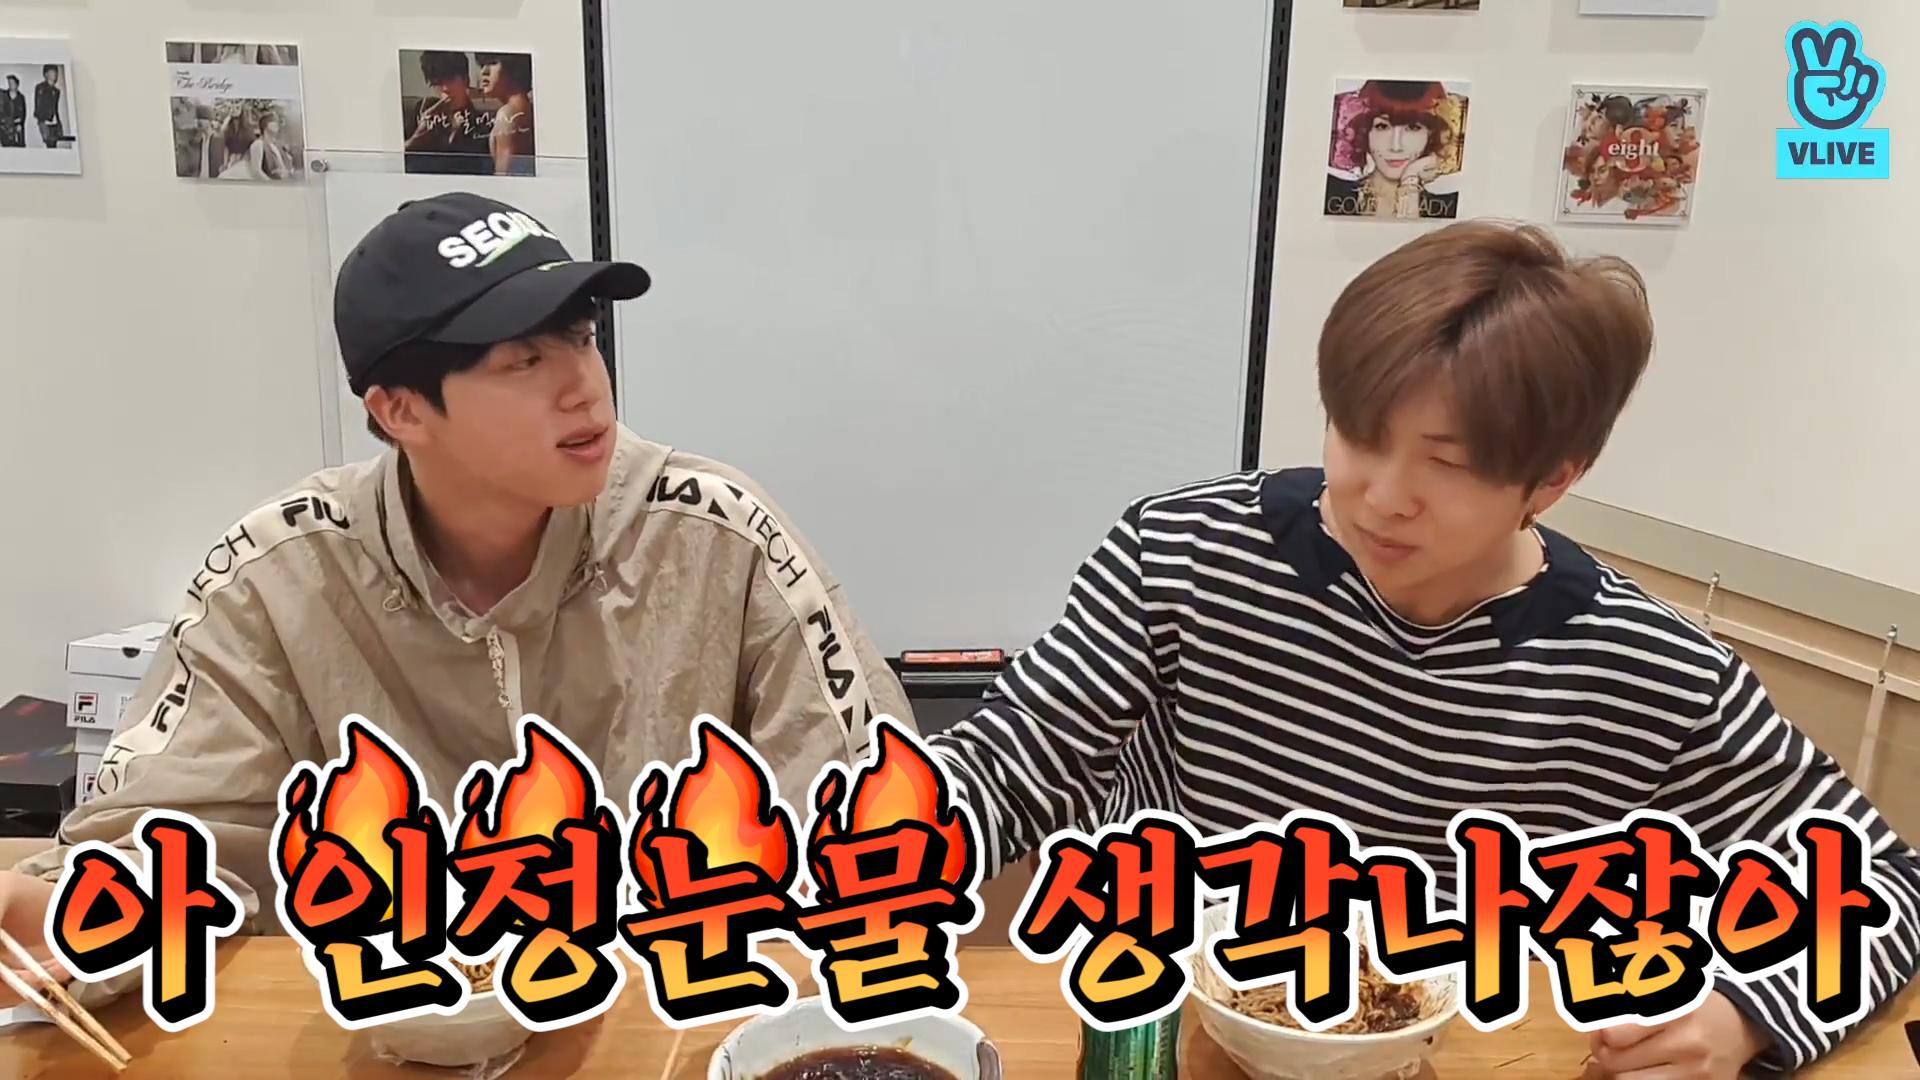 [BTS] 🎼알제알제 개사천재인 거 알제‼️ 인정? 어 눈물~💦 (JIN&RM Changing the lyrics)